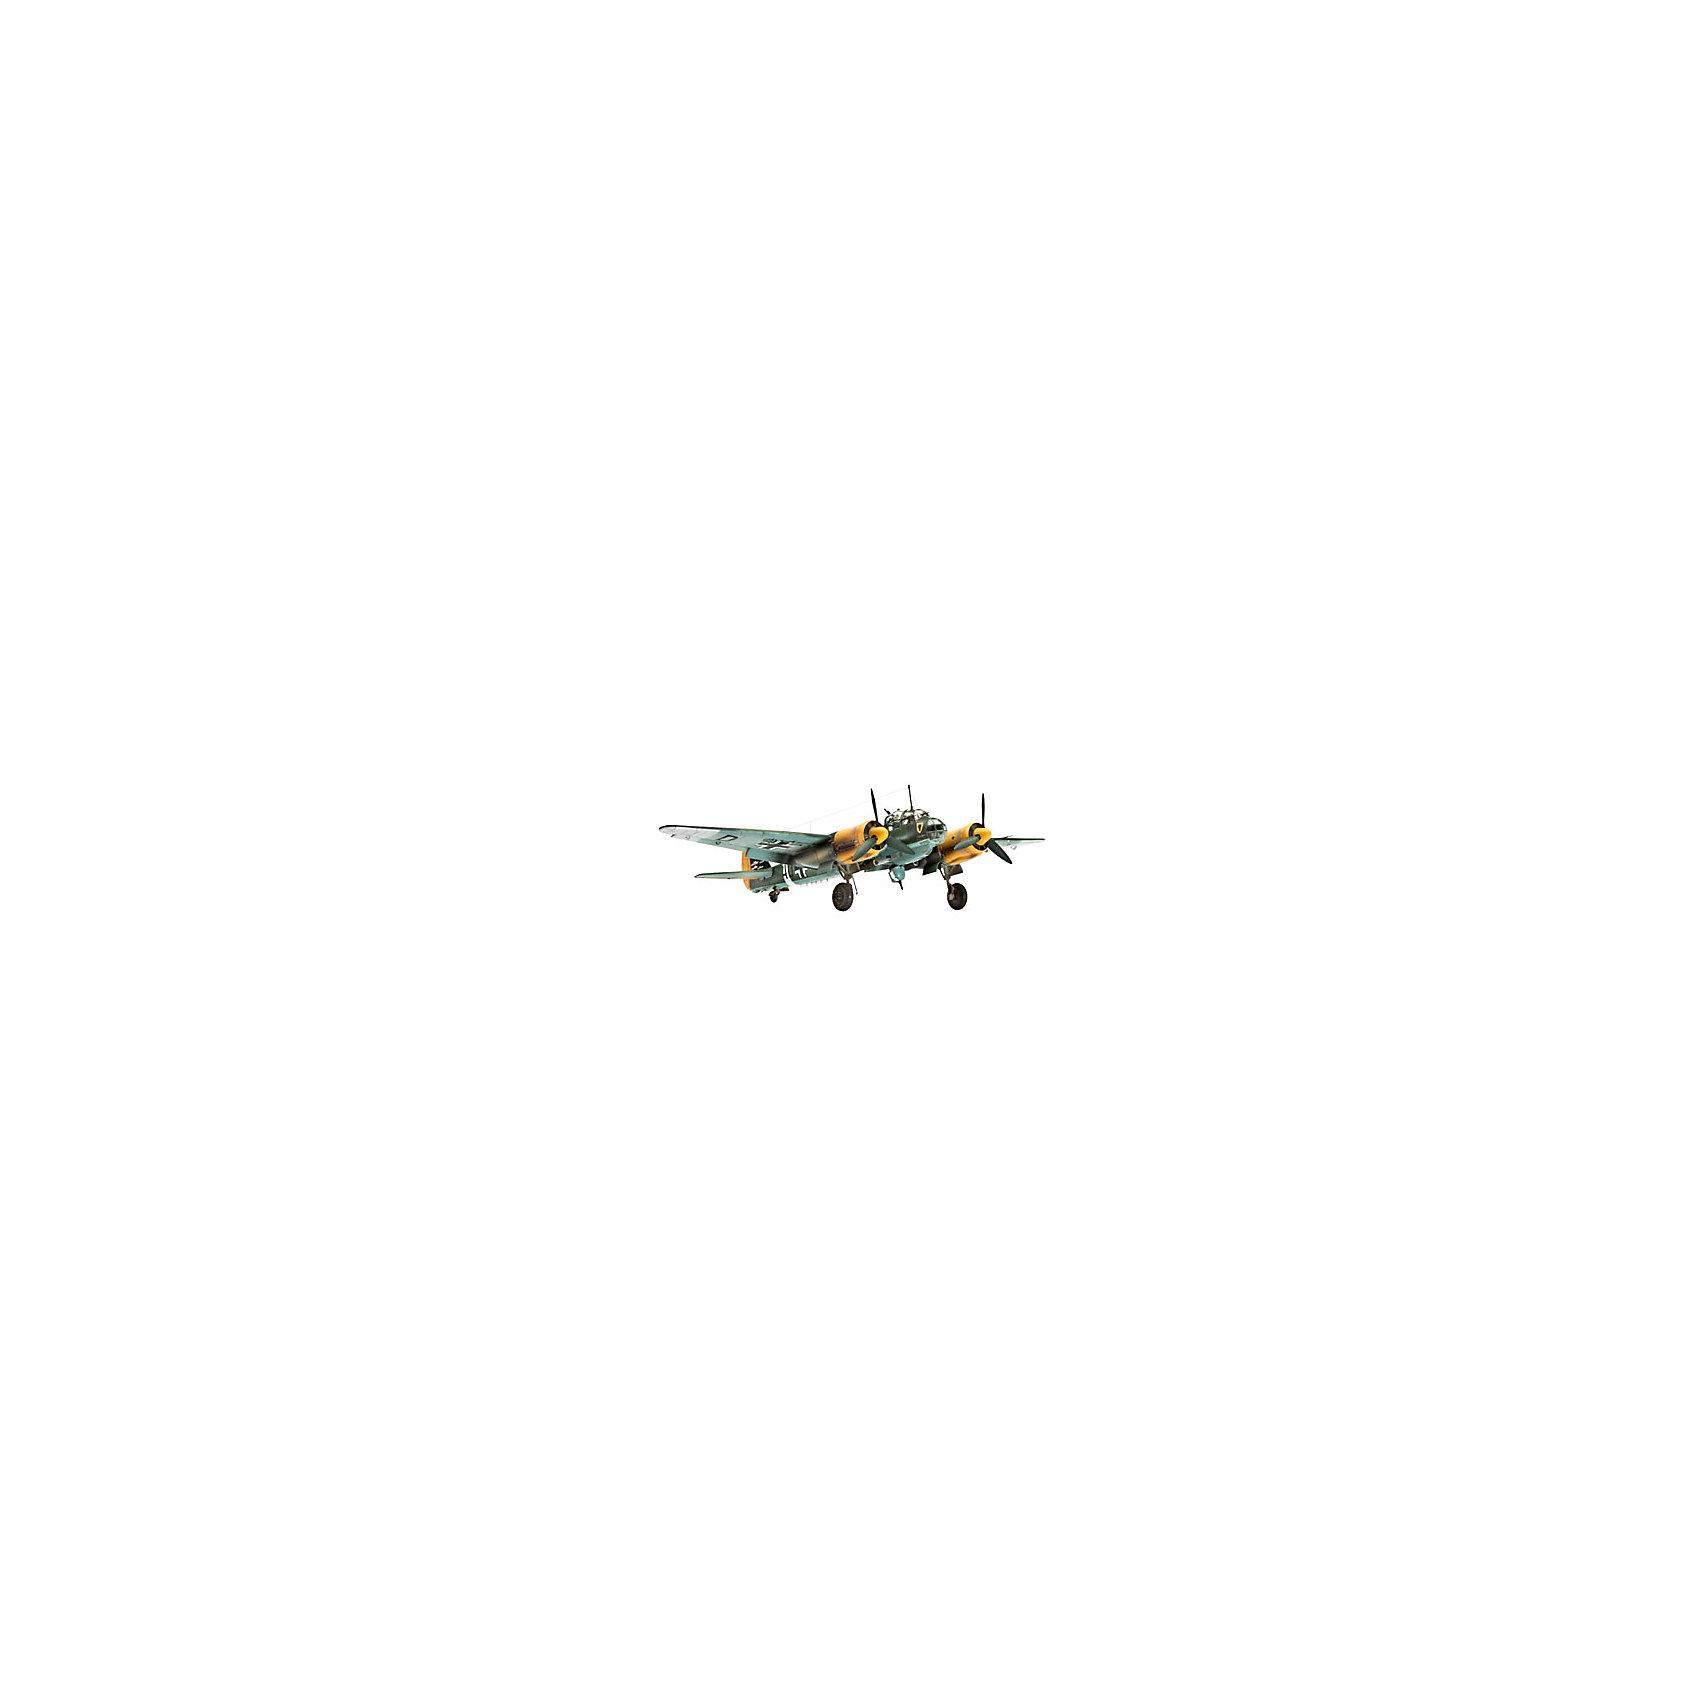 Самолет Бомбардировщик Юнкерс Ю-88 A-4 Bomber, 2-ая МВ, немецкийМодели для склеивания<br>Сборная модель немецкого многоцелевого самолета Ju 88 A4/D-1. Широко применялся в ходе Второй мировой войны. Использовался как бомбардировщик, разведчик, торпедоносец и ночной истребитель. За шесть лет было выпущено около 15 тысяч машин. При разработке модификации A4 были учтены все недочеты предыдущих версий. Новый Ju 88 стал грозной боевой машиной. Кроме того эта версия обзавелась более мощными двигателями <br>Масштаб: 1:72 <br>Количество деталей: 125 <br>Длина модели: 201 мм <br>Размах крыльев: 280 мм <br>Подойдет для детей старше 10-и лет <br>Клей, краски и кисточки приобретаются отдельно<br><br>Ширина мм: 9999<br>Глубина мм: 9999<br>Высота мм: 9999<br>Вес г: 9999<br>Возраст от месяцев: 120<br>Возраст до месяцев: 2147483647<br>Пол: Мужской<br>Возраст: Детский<br>SKU: 7122376